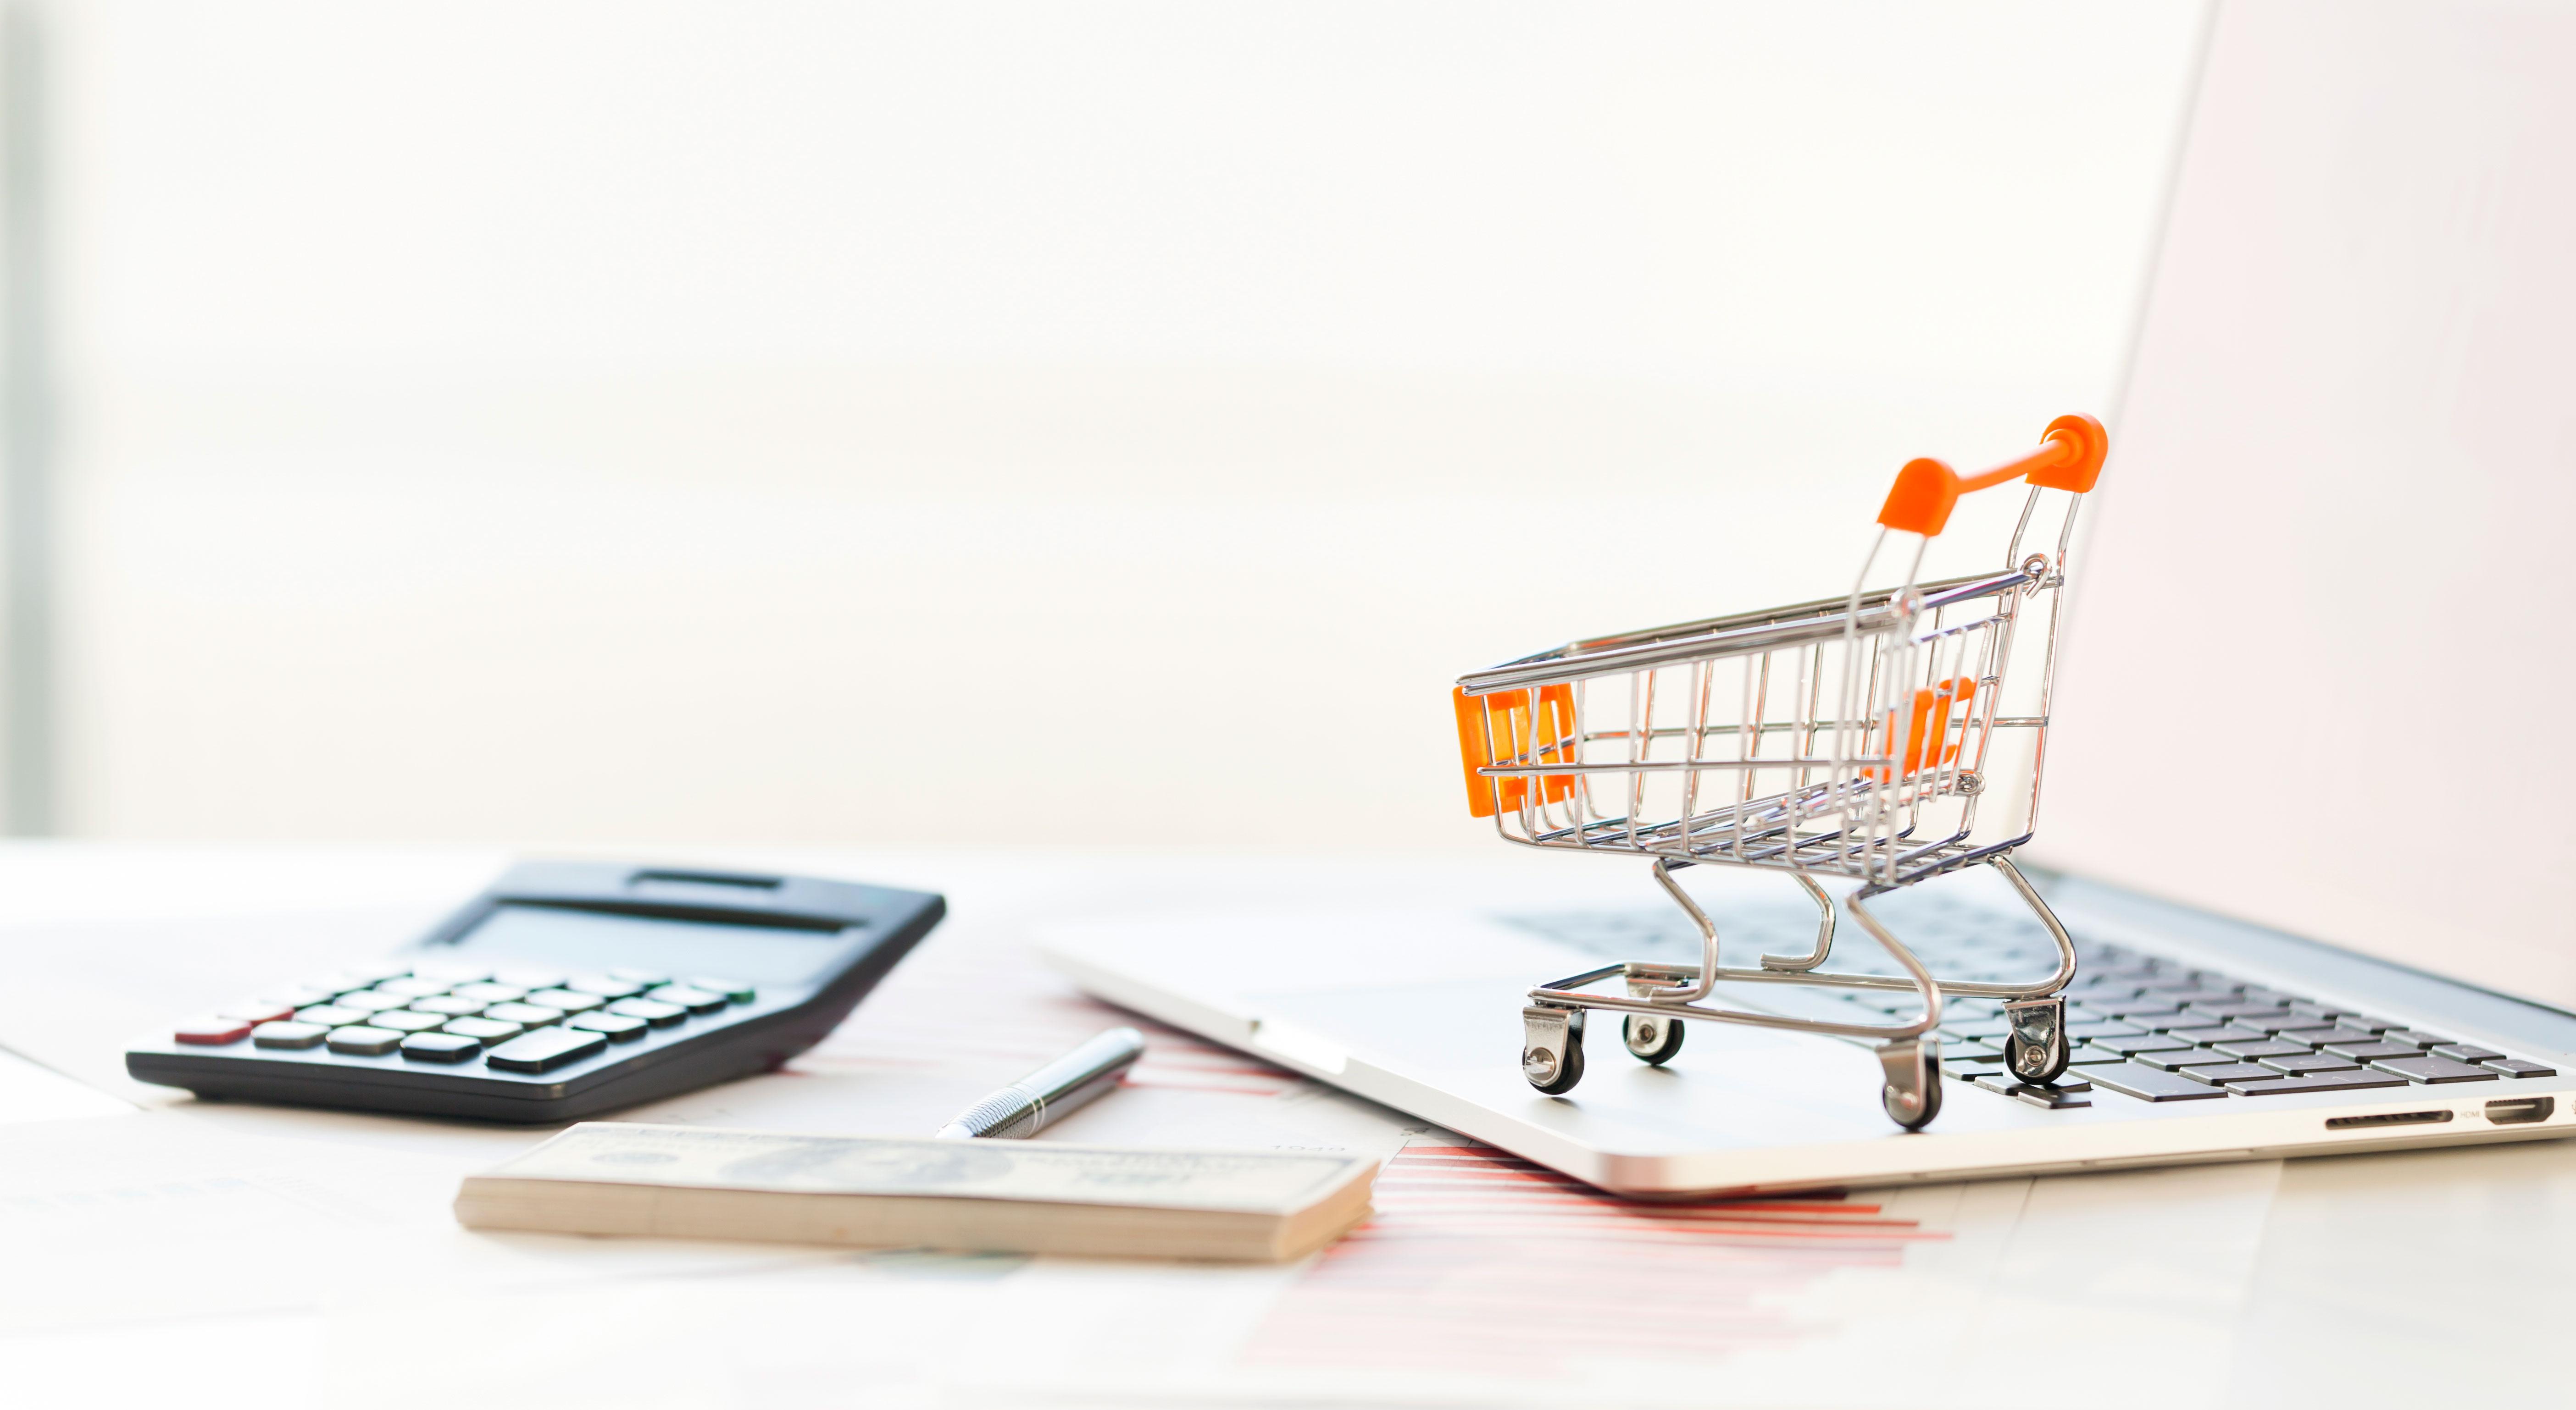 Huurprijstool | rekenmodel voor huurprijzen supermarkten